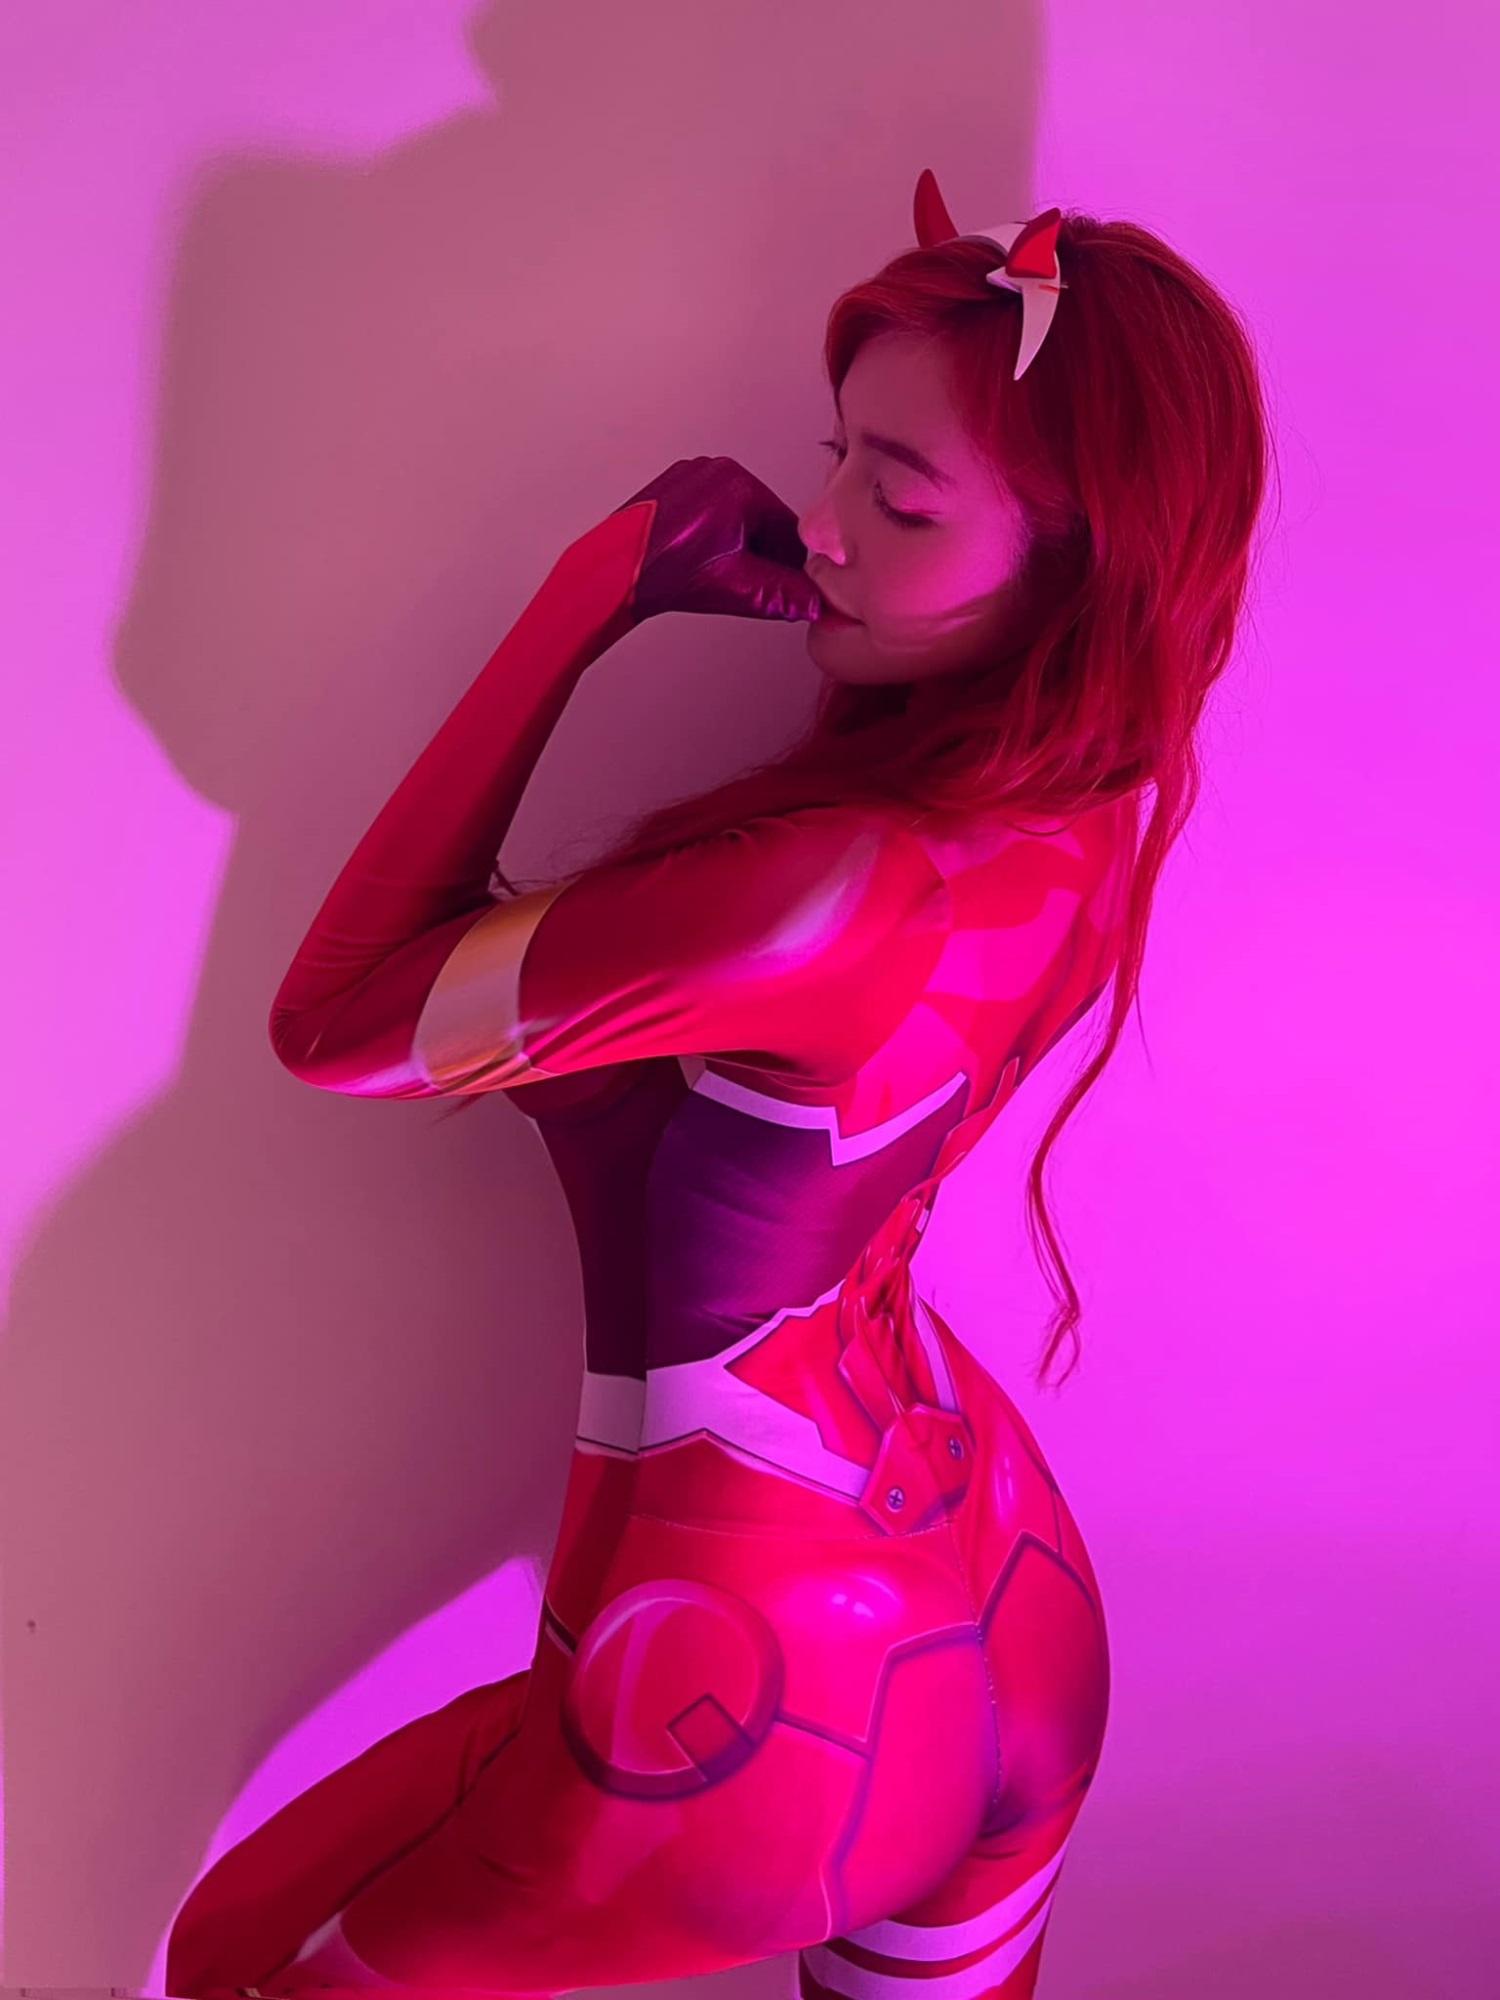 Cosplay nhân vật 'mèo méo meo', hot girl ngực khủng trở lại đường đua 'phồn thực' với body gây choáng - Ảnh 2